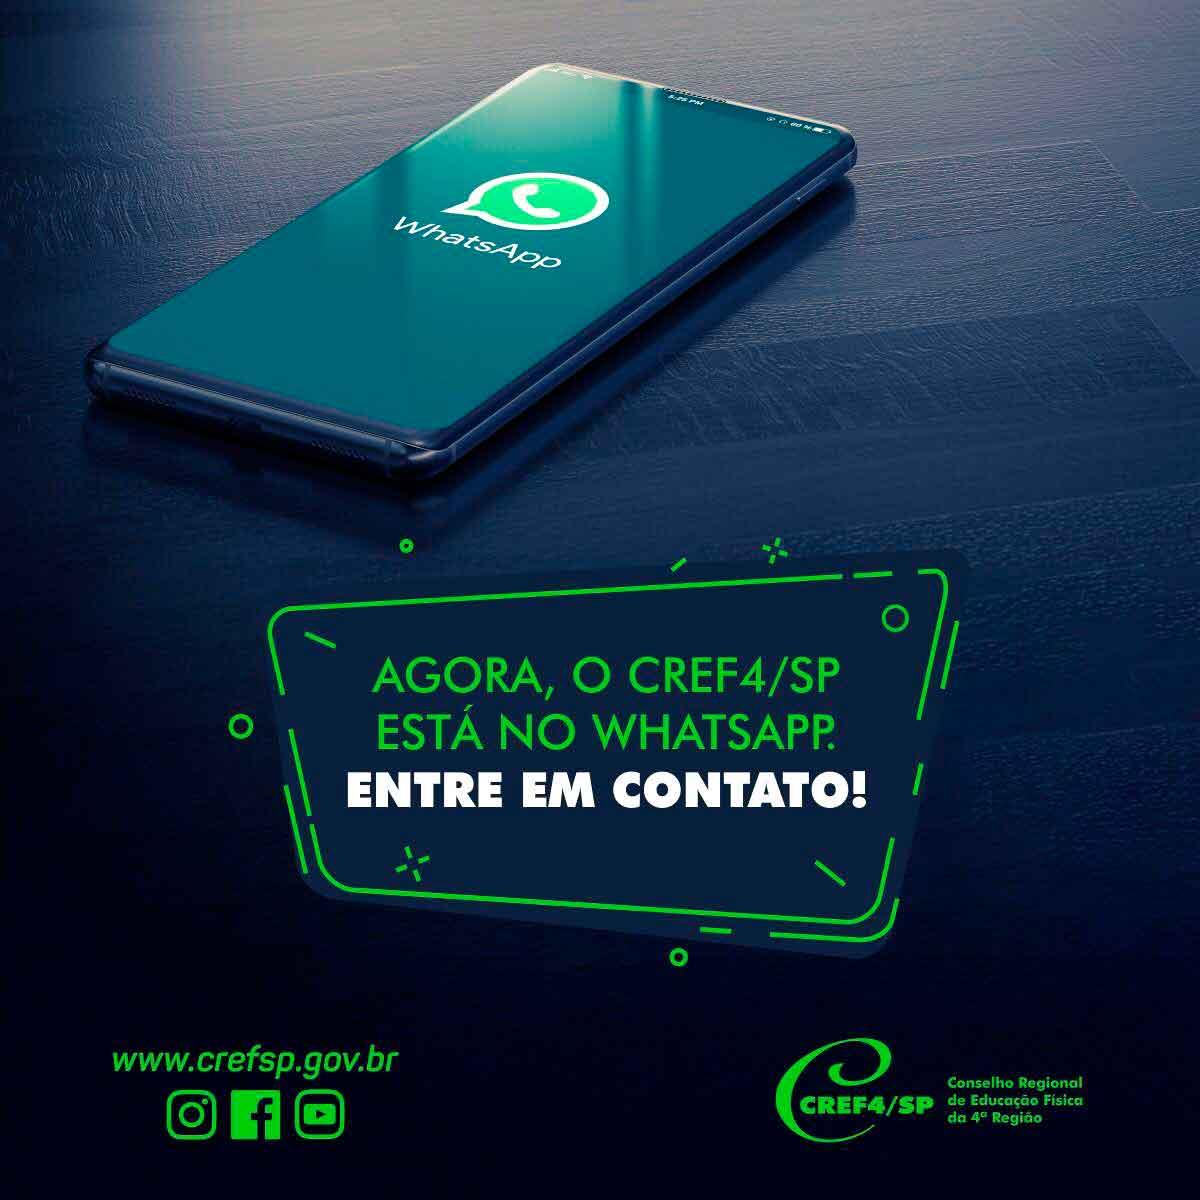 Agora o CREF4/SP também está disponível pelo WhatsApp